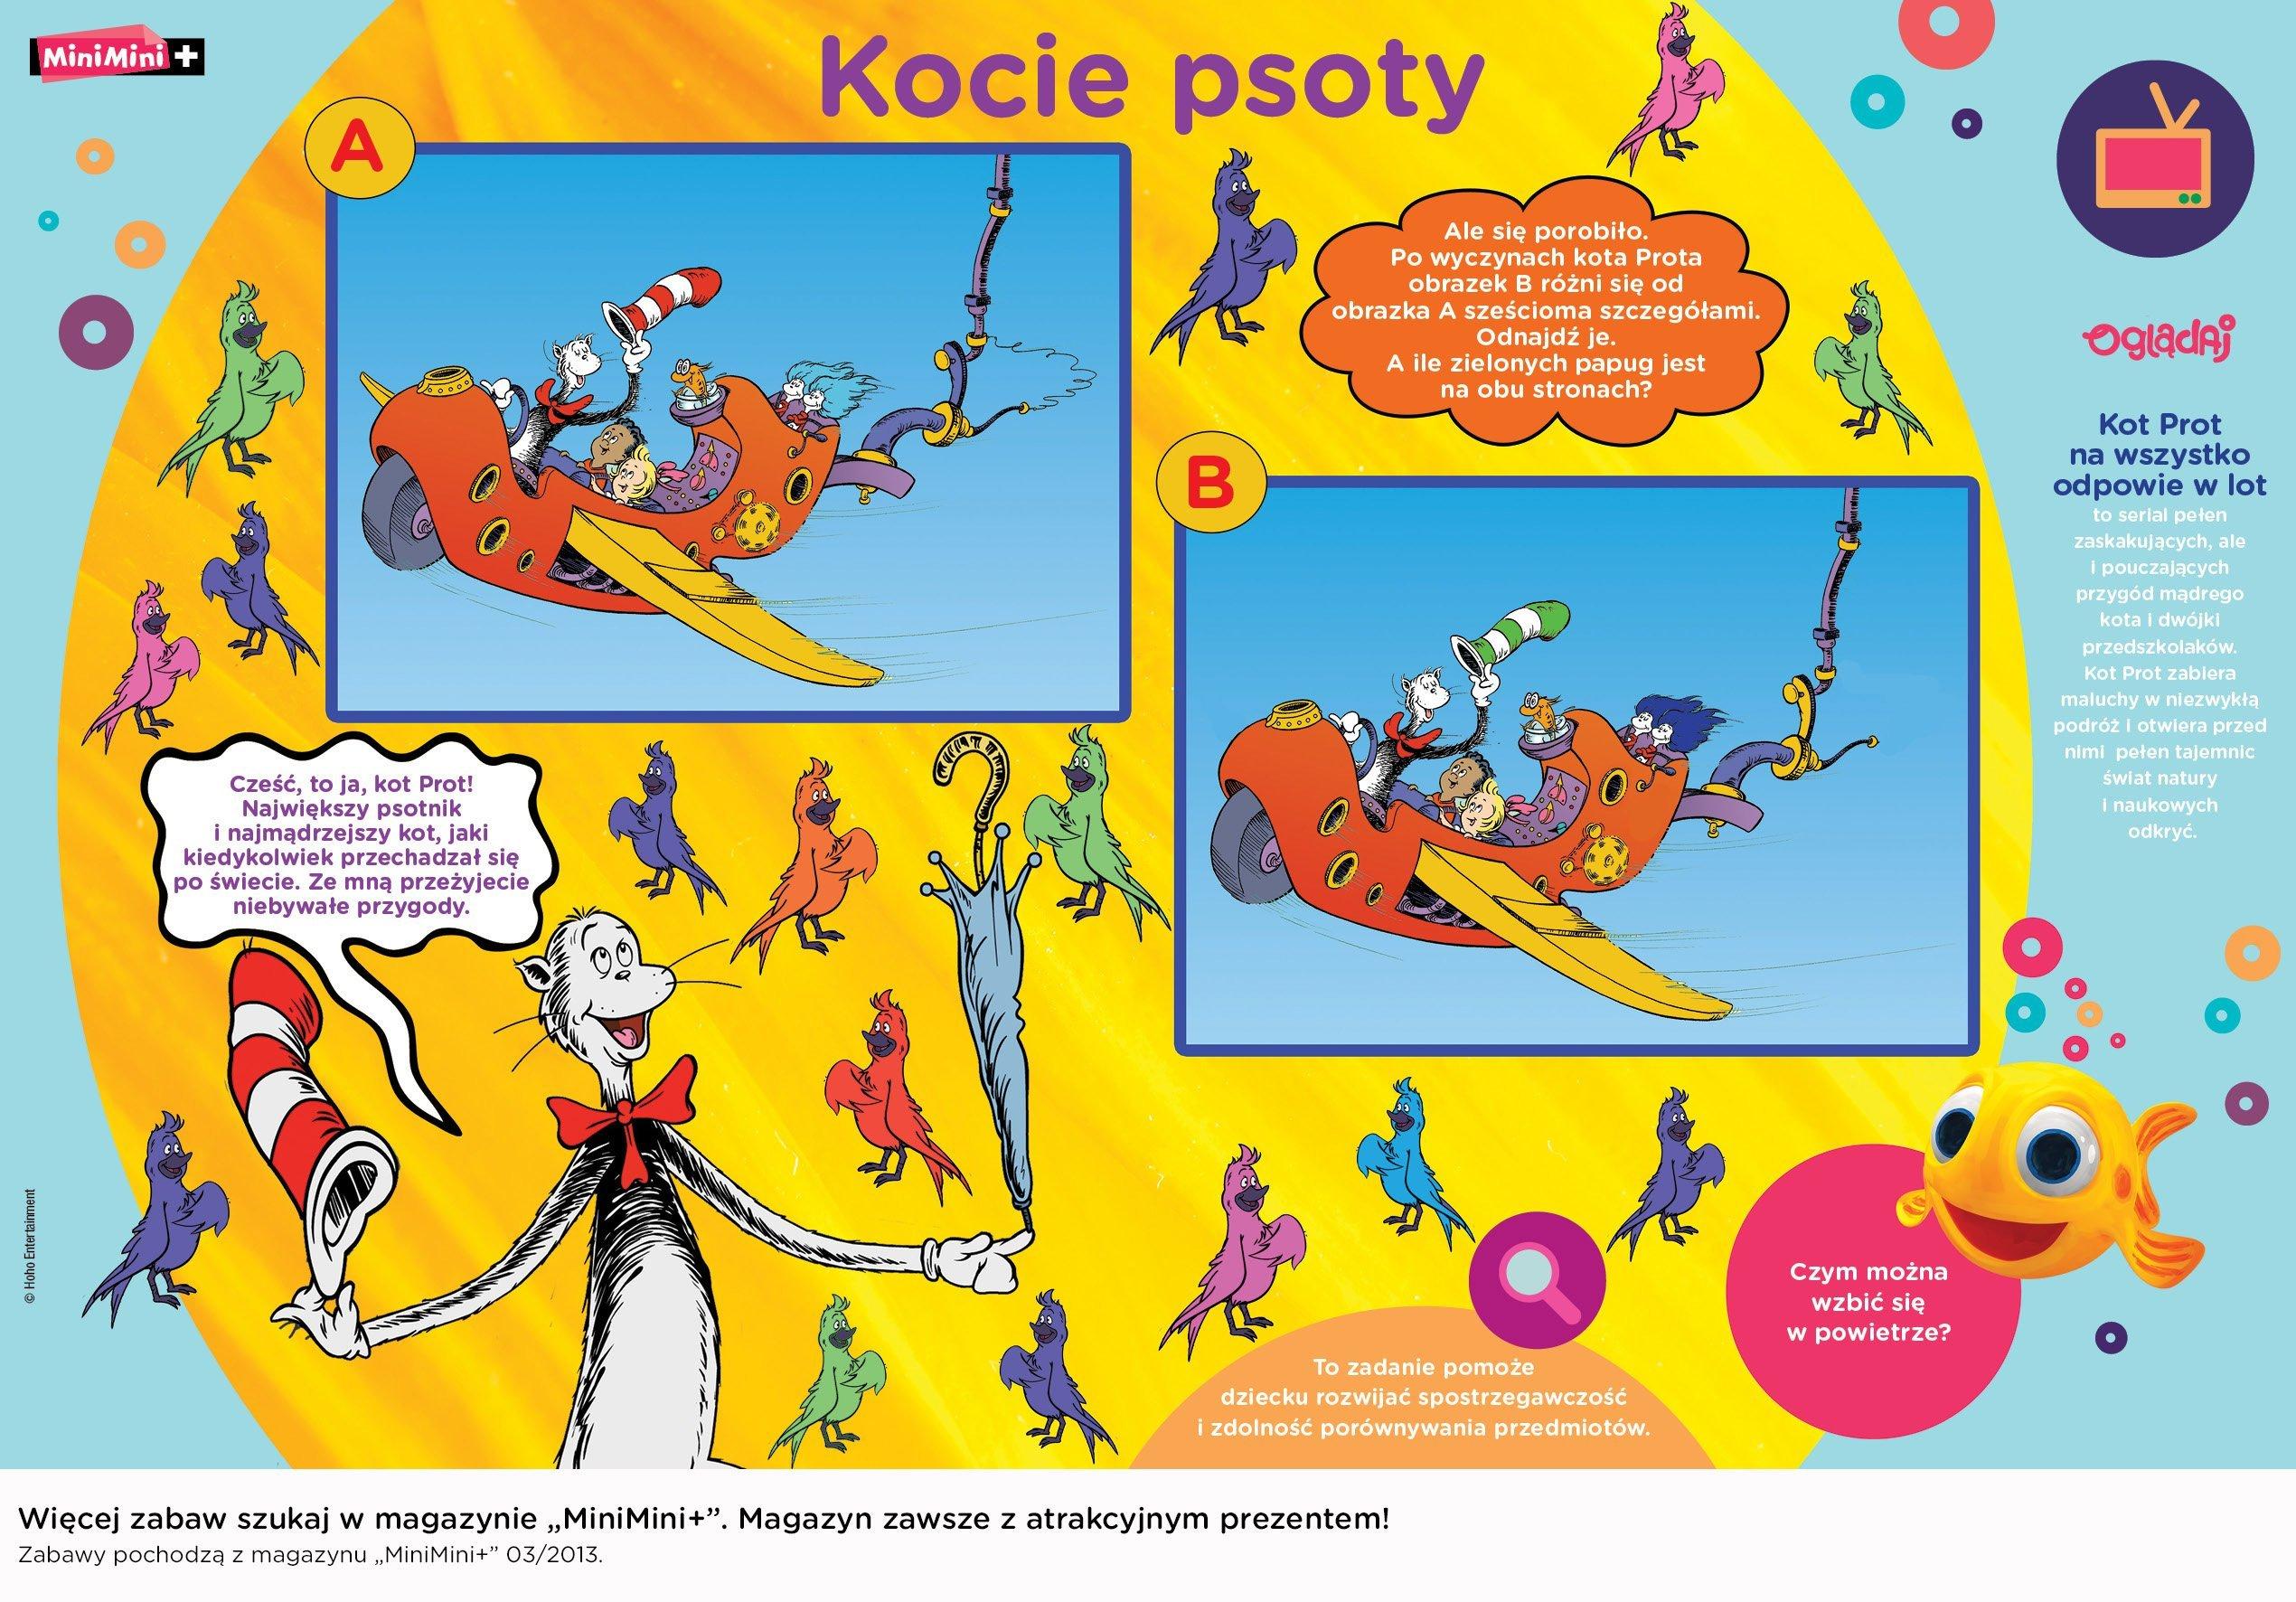 Kocie Psoty kota Prota zabawa do druku dla dzieci